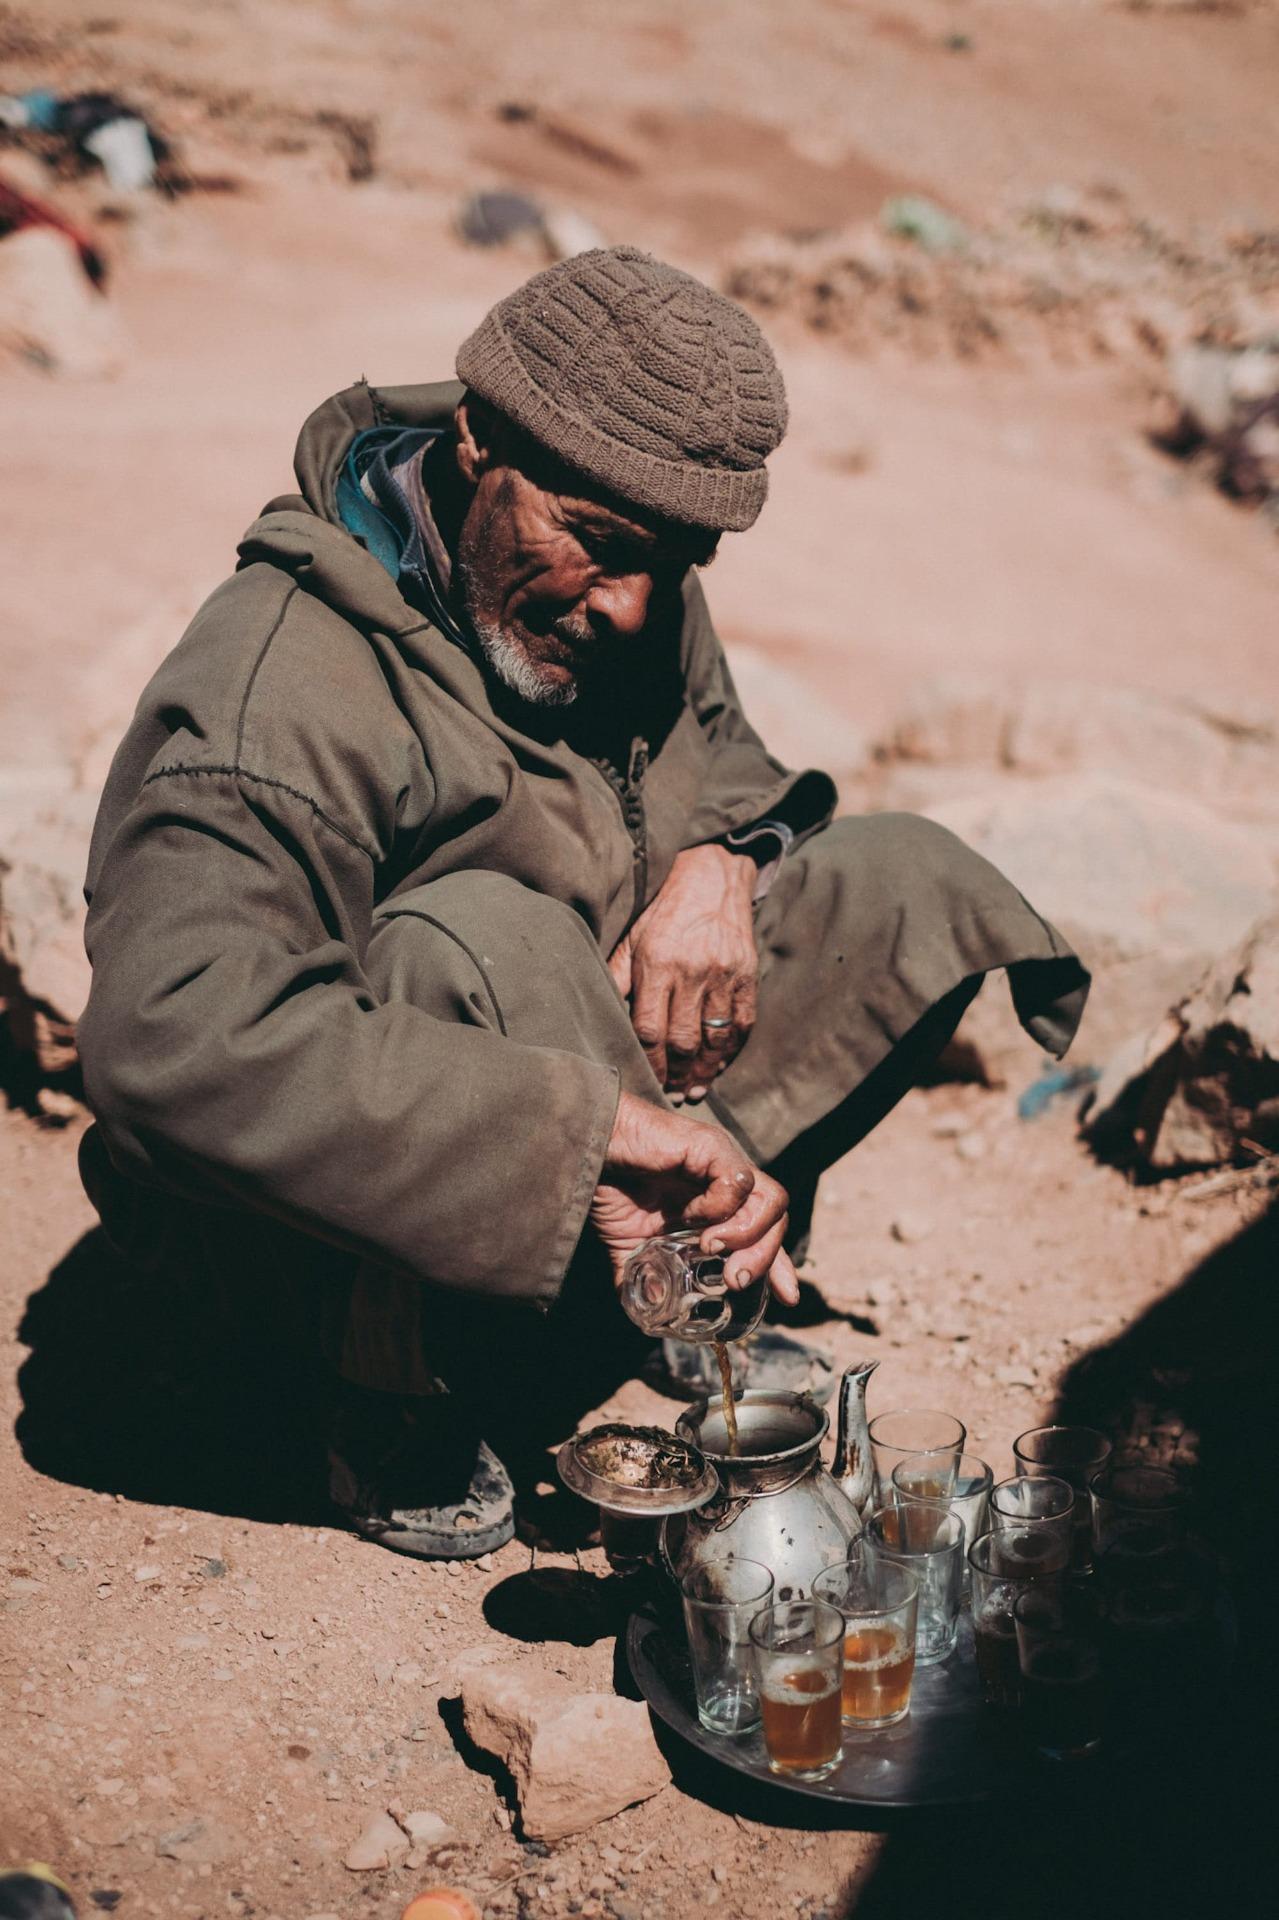 Mann kocht Tee